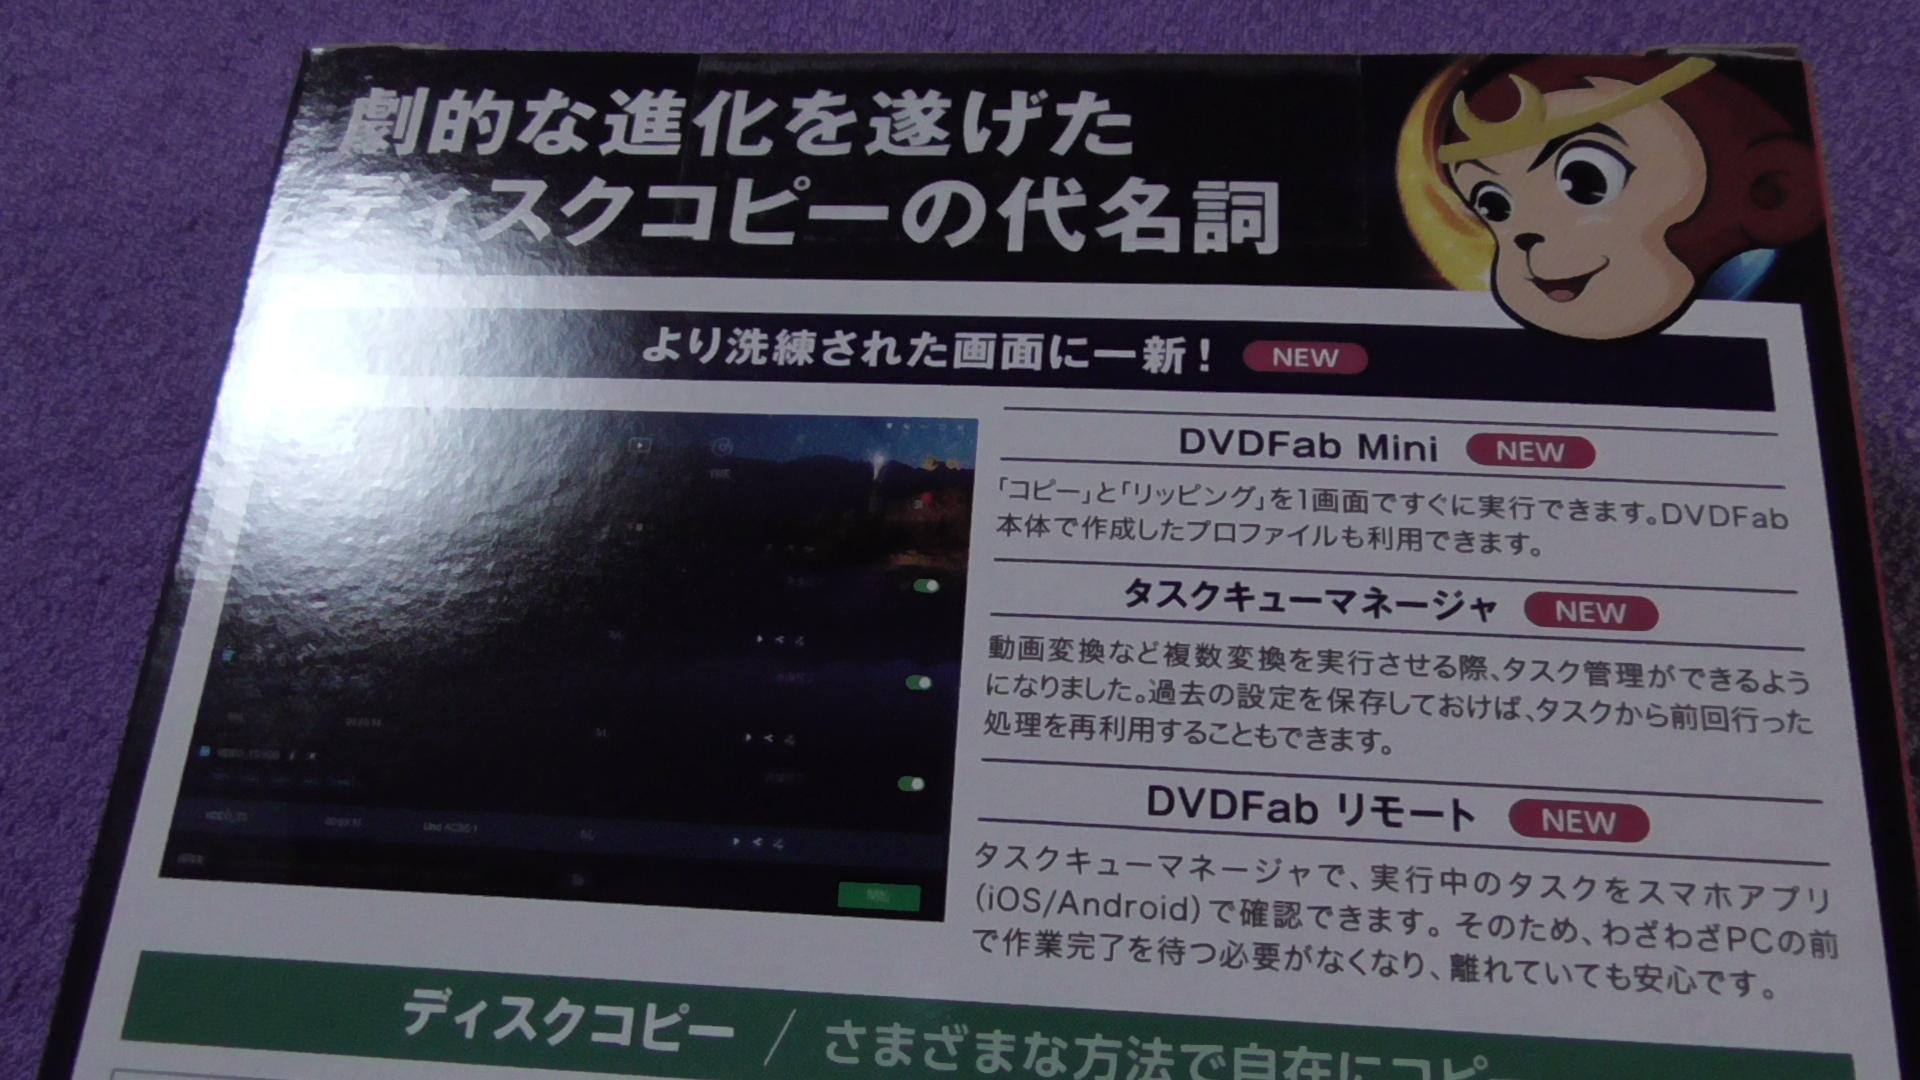 DVDFab X BD&DVD コピープレミアム002.jpg